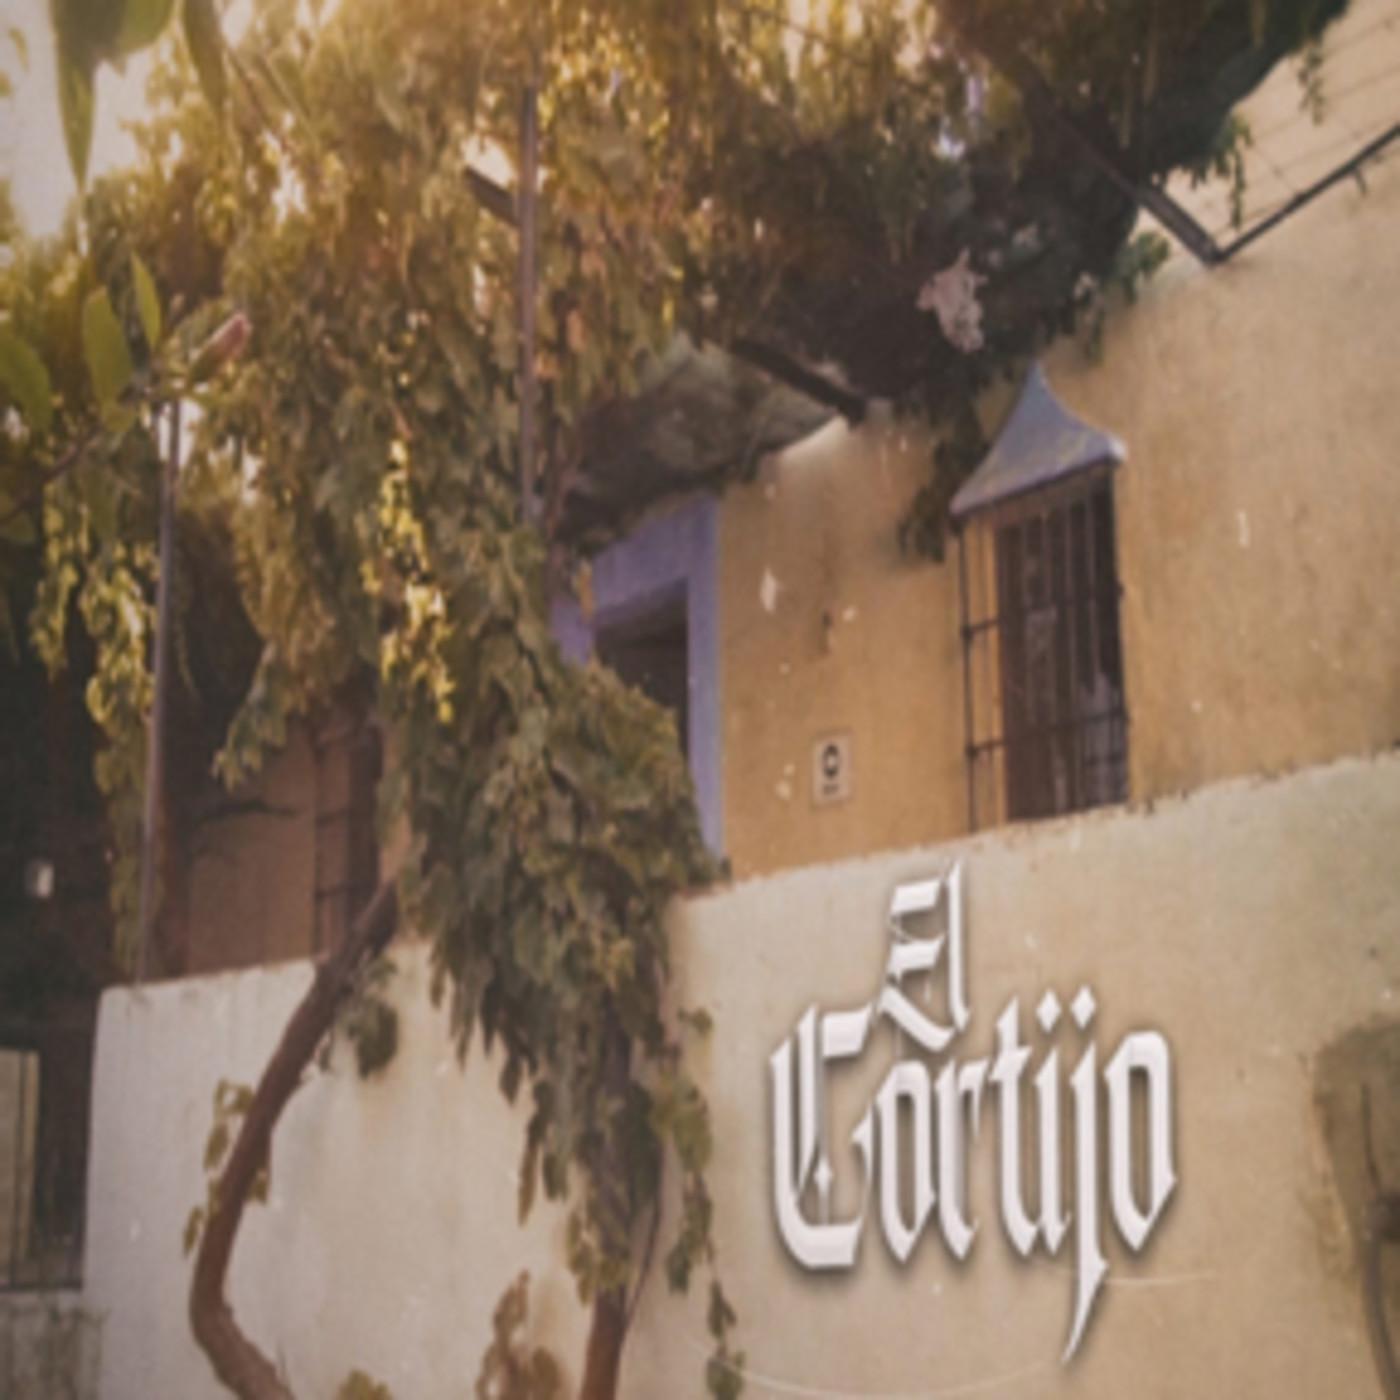 Cuarto milenio: El cortijo in Cuarto Milenio (Oficial) in ...